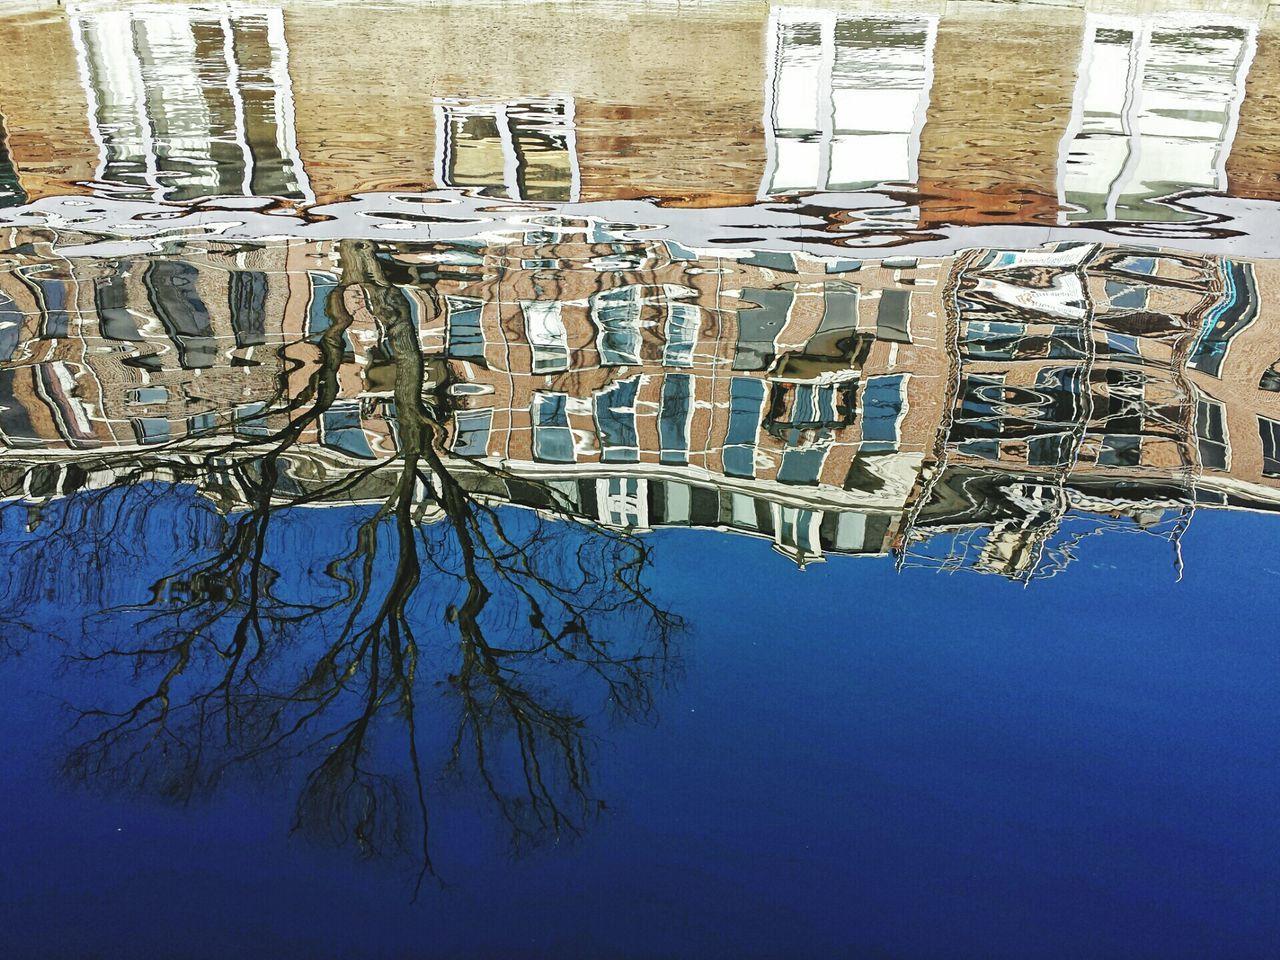 Water Specchio D'acqua Amsterdam My Edit My Photography Acqua Riflesso D'acqua